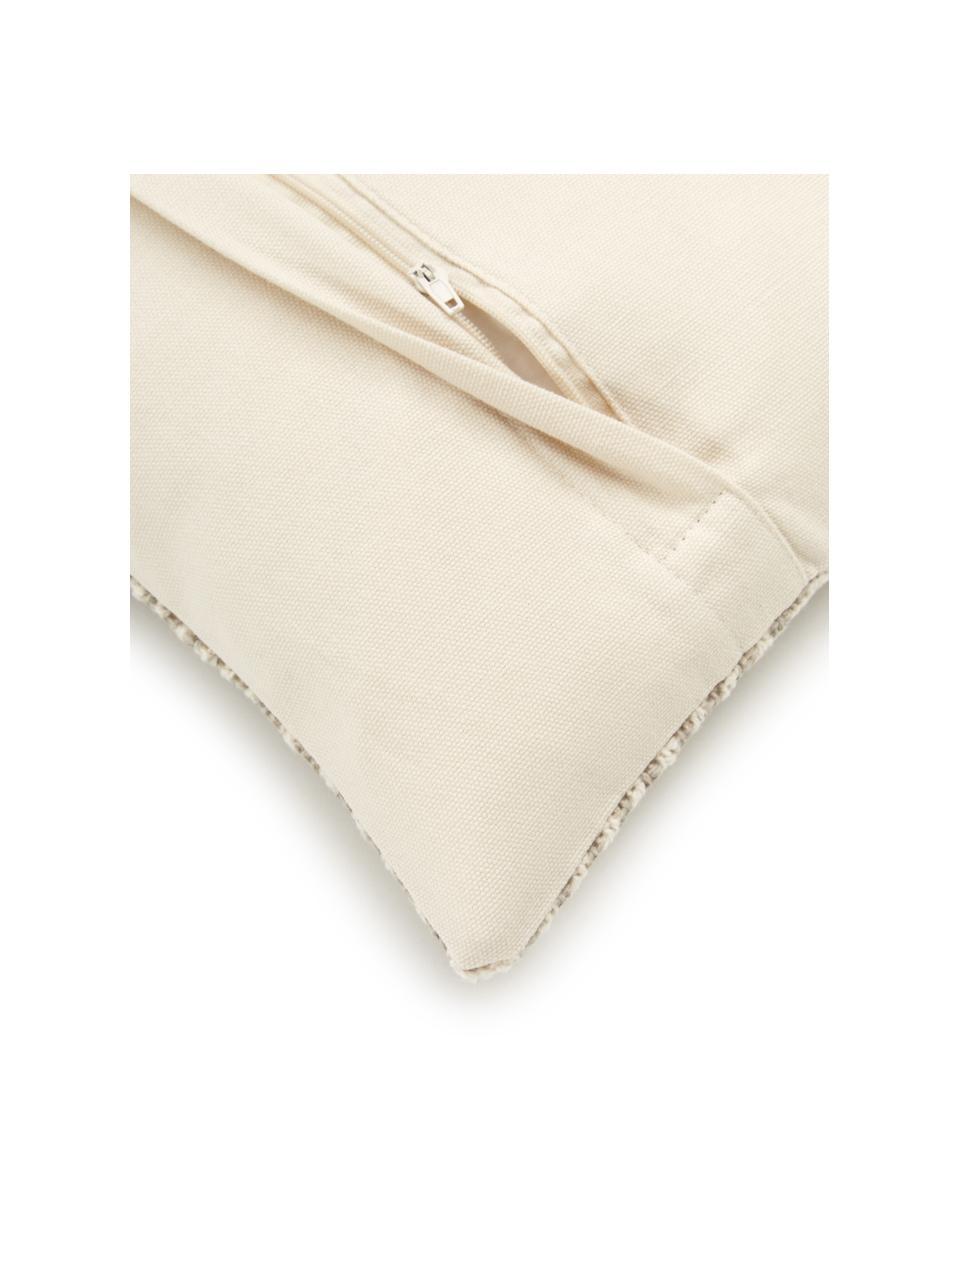 Kussenhoes Nadia met grafisch patroon in beige, 100% katoen, Beige, wit, 30 x 50 cm